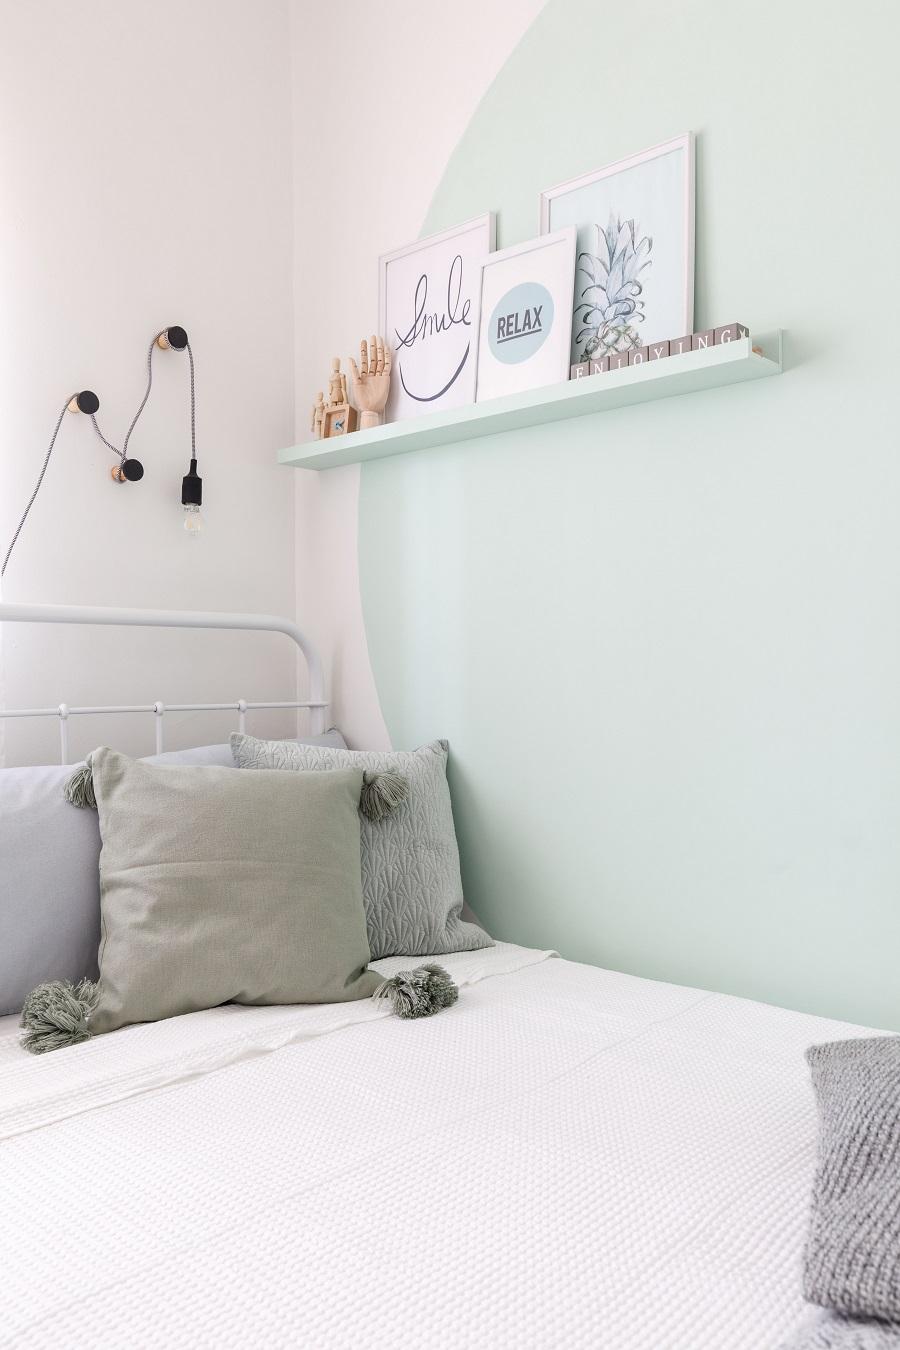 חדר נערה עיצוב לימור אורן צילום אורית ארנון